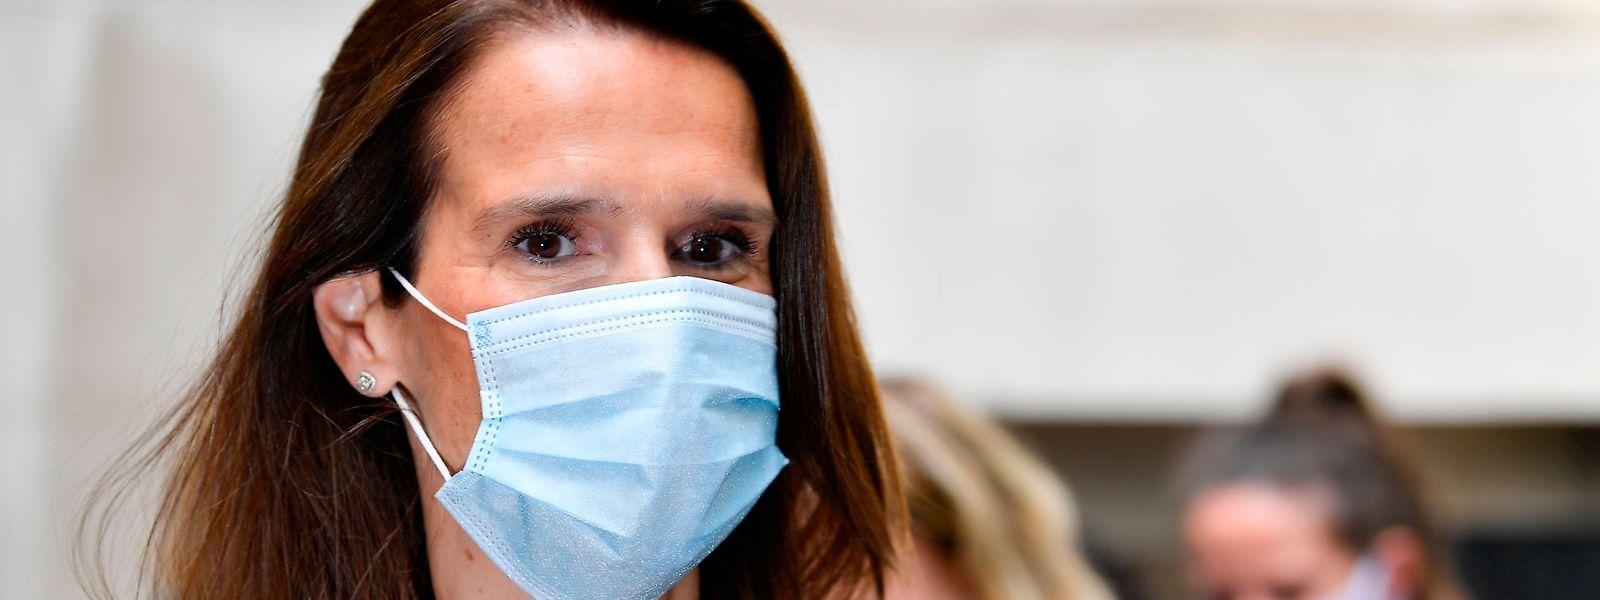 La Belgique a élargi jeudi l'obligation du port du masque. La Première ministre, Sophie Wilmes donne l'exemple...